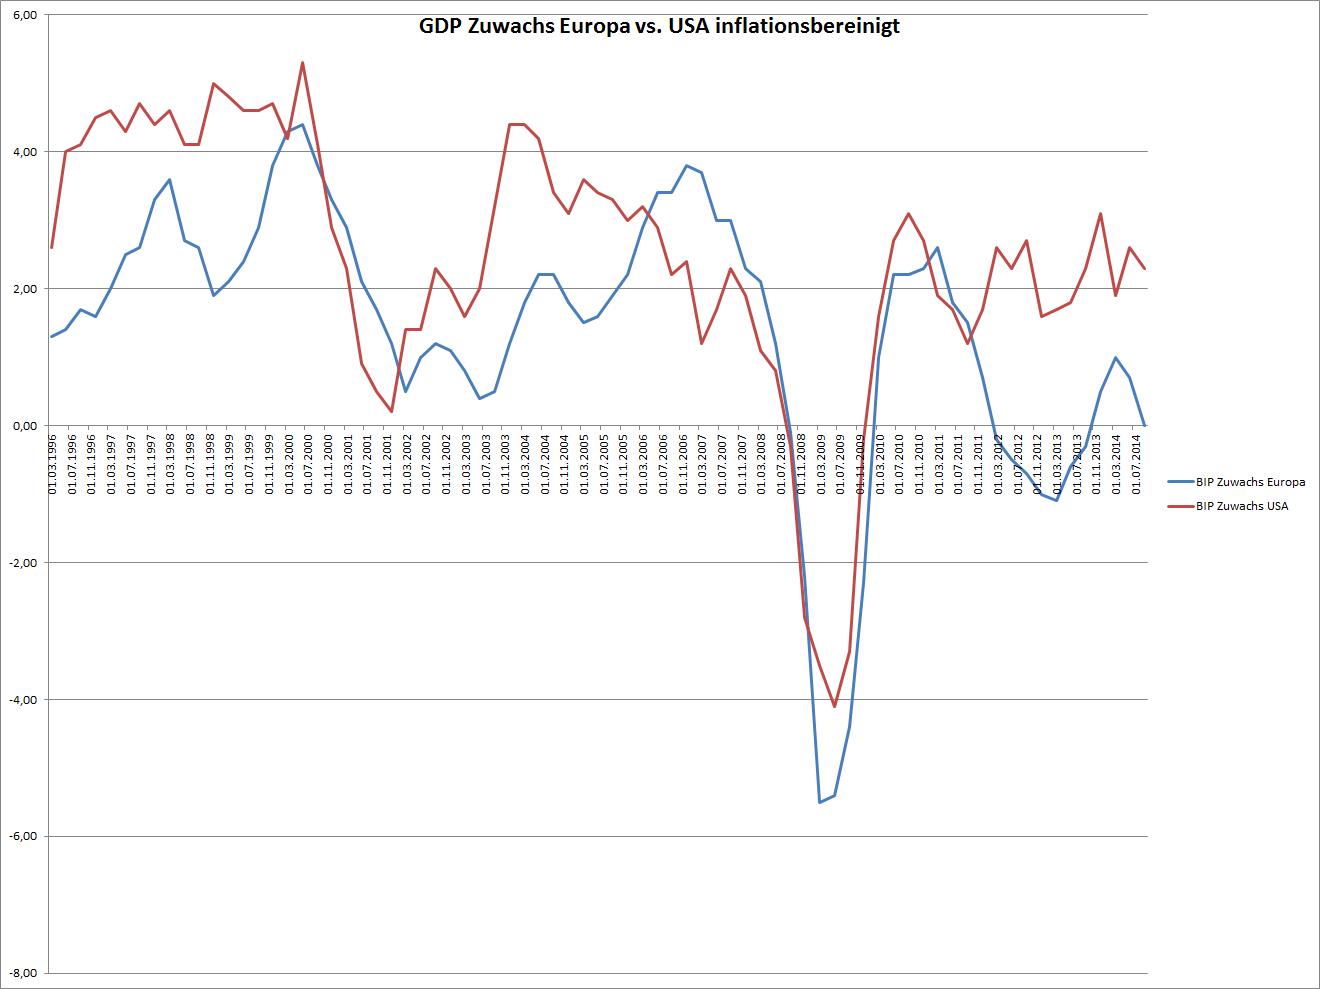 BIP-Zuwachs EUR/USA im Vergleich